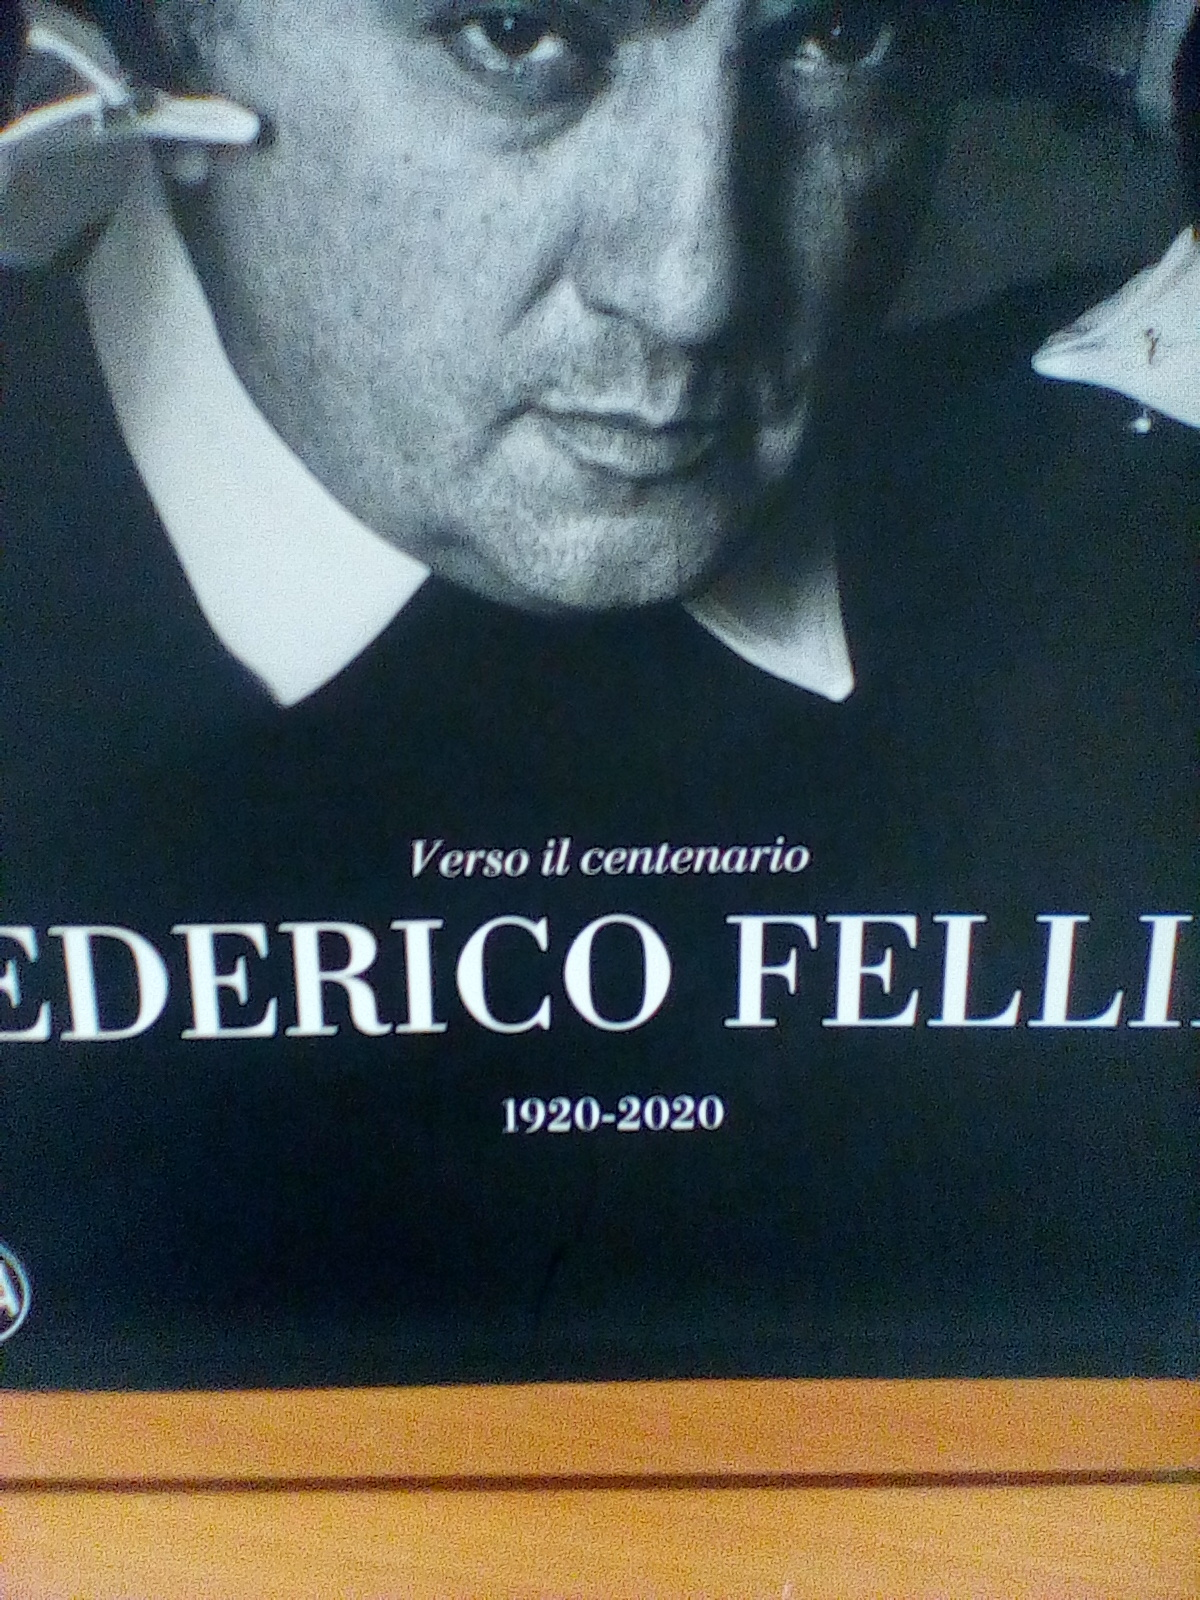 Fellini in scuderia rome